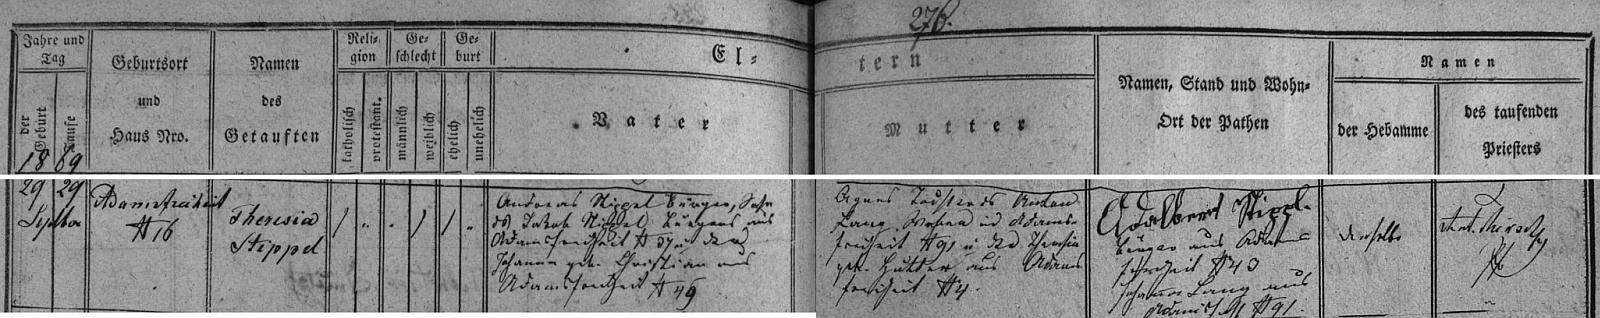 Záznam křestní matriky farní obce Hůrky (Adamsfreiheit) o narození matčině